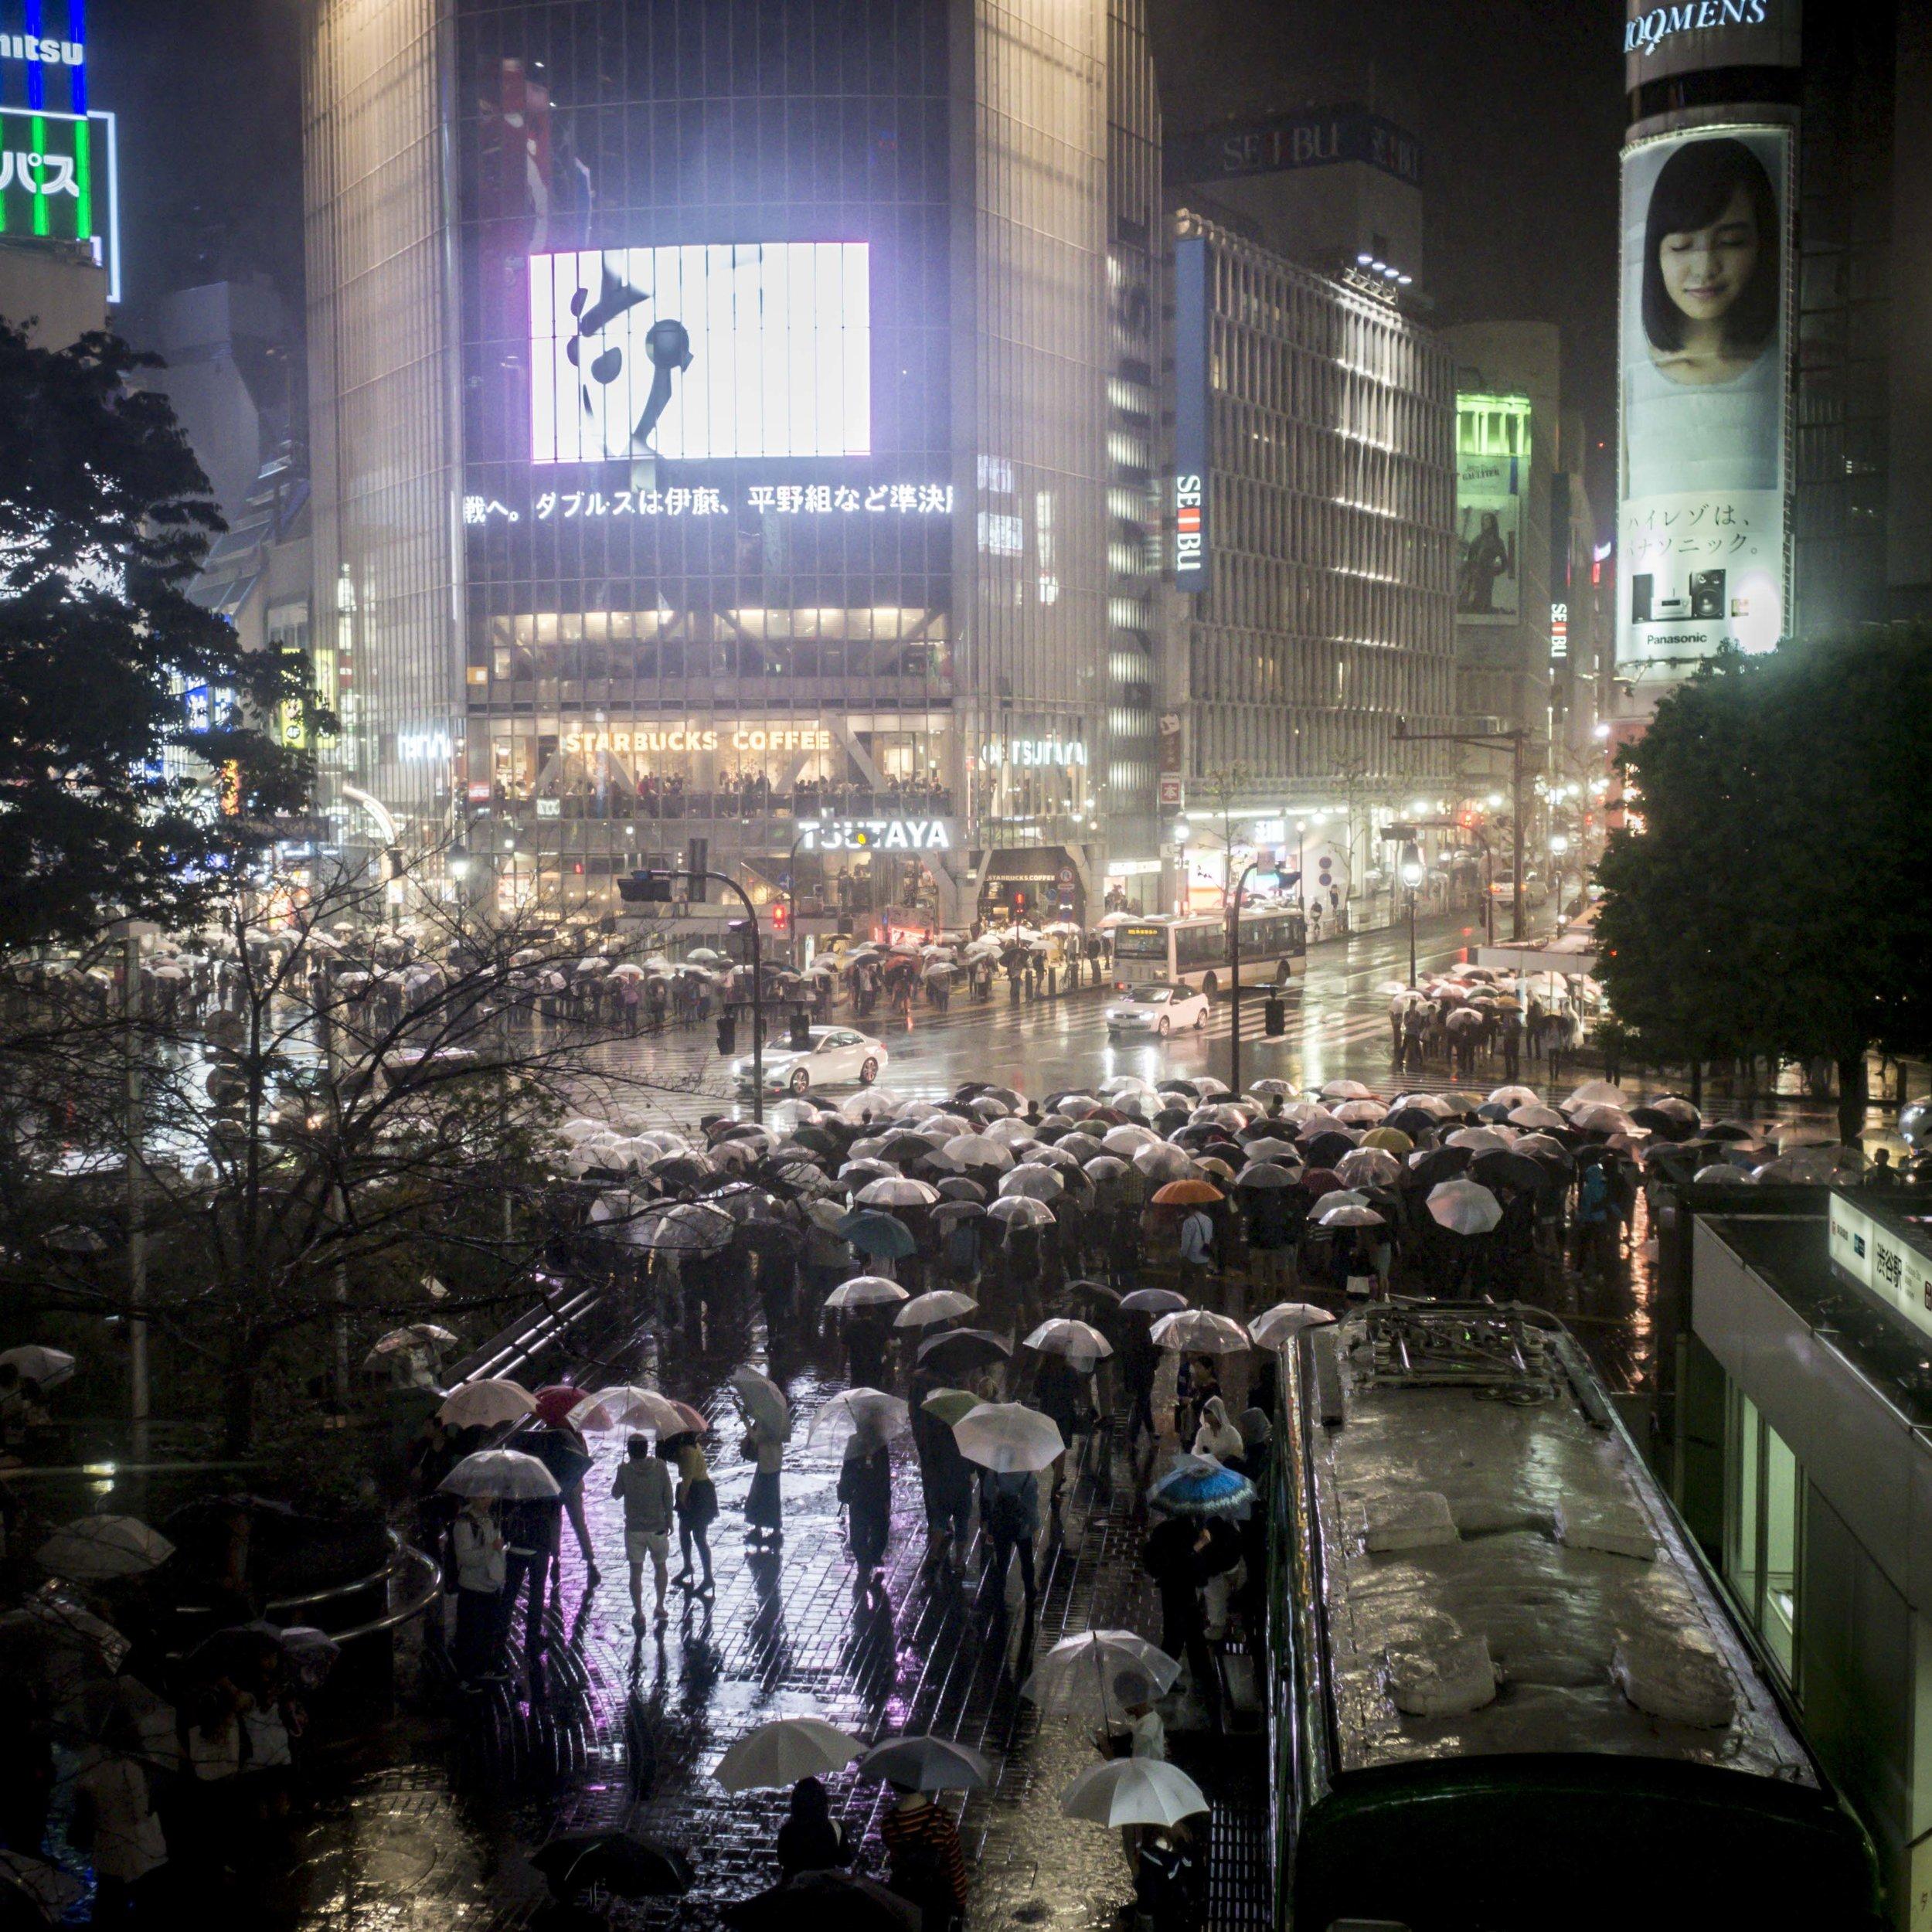 tokyo summer 2-010460-2.jpg